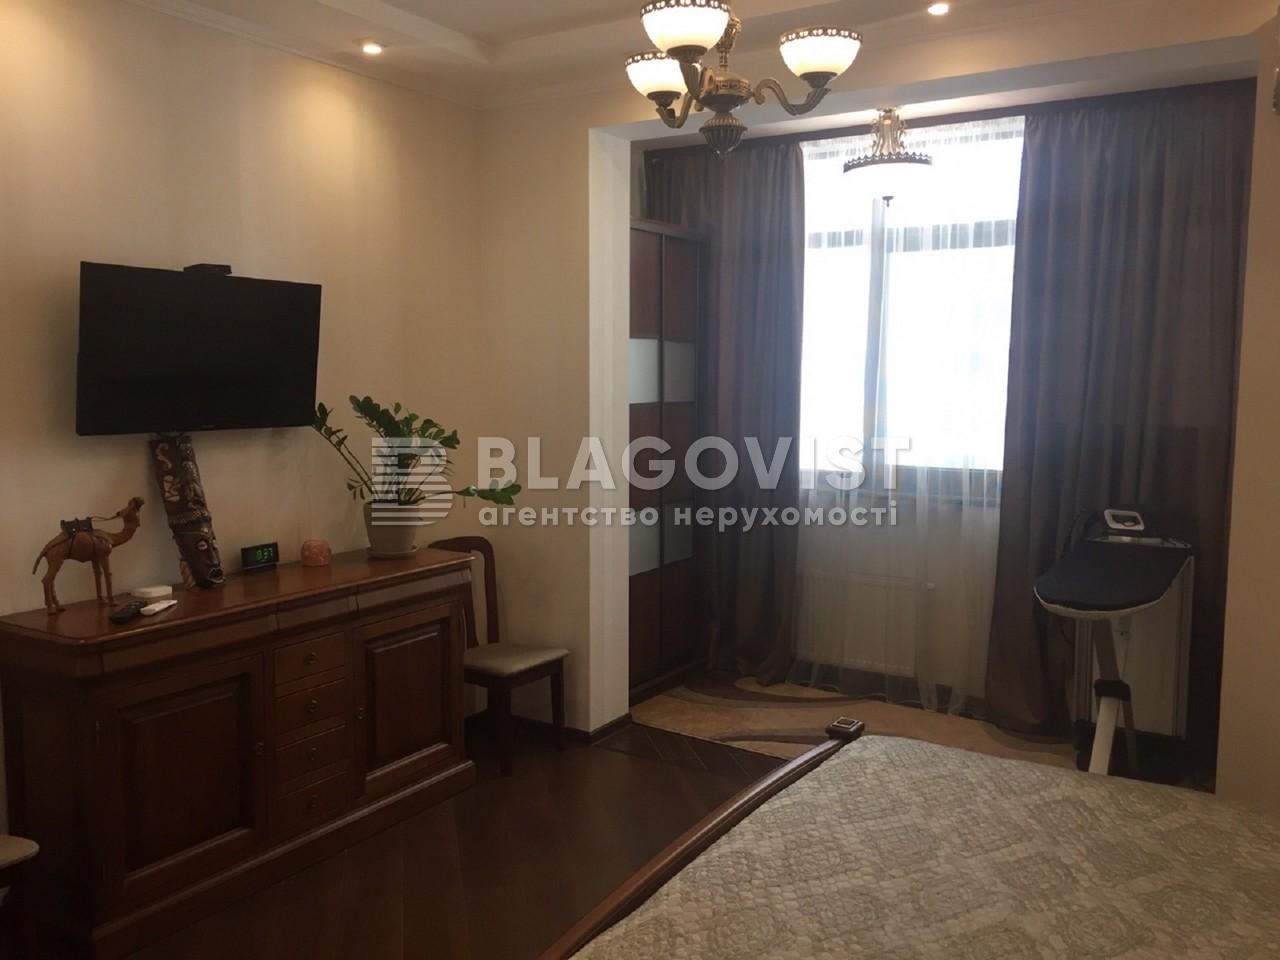 Квартира Z-698933, Коновальца Евгения (Щорса), 44а, Киев - Фото 22